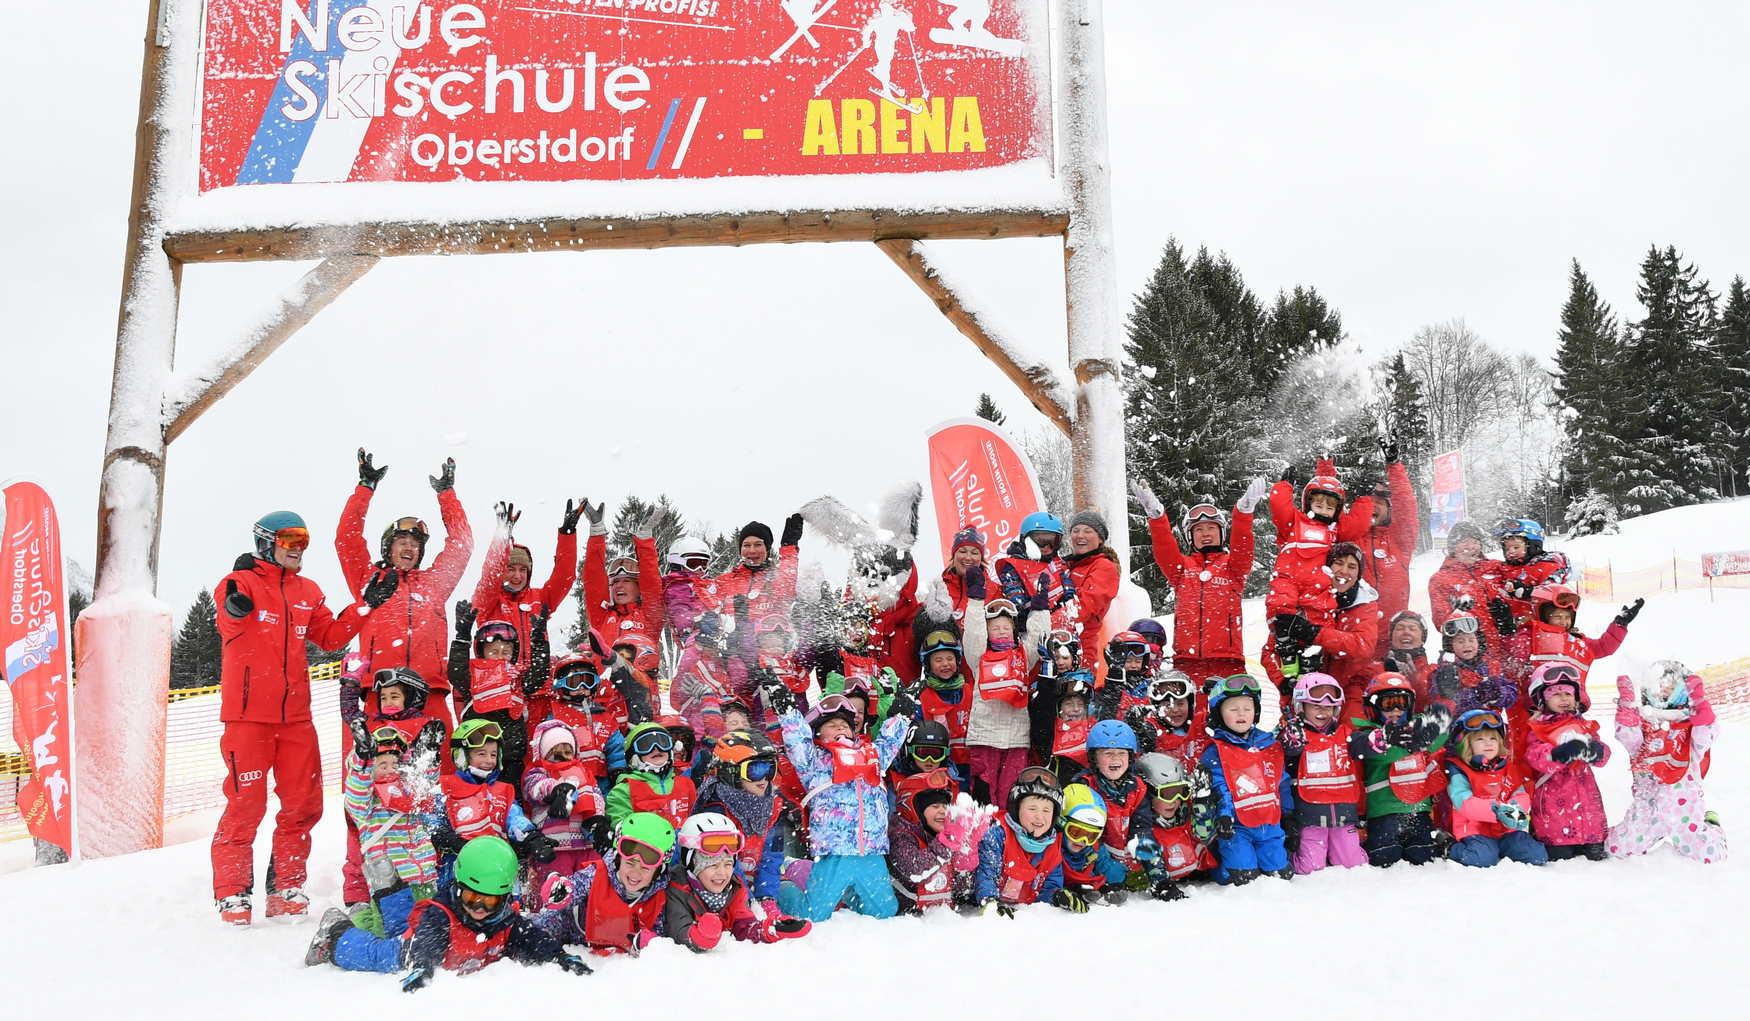 Лыжная Школа Neue Skischule Oberstdorf